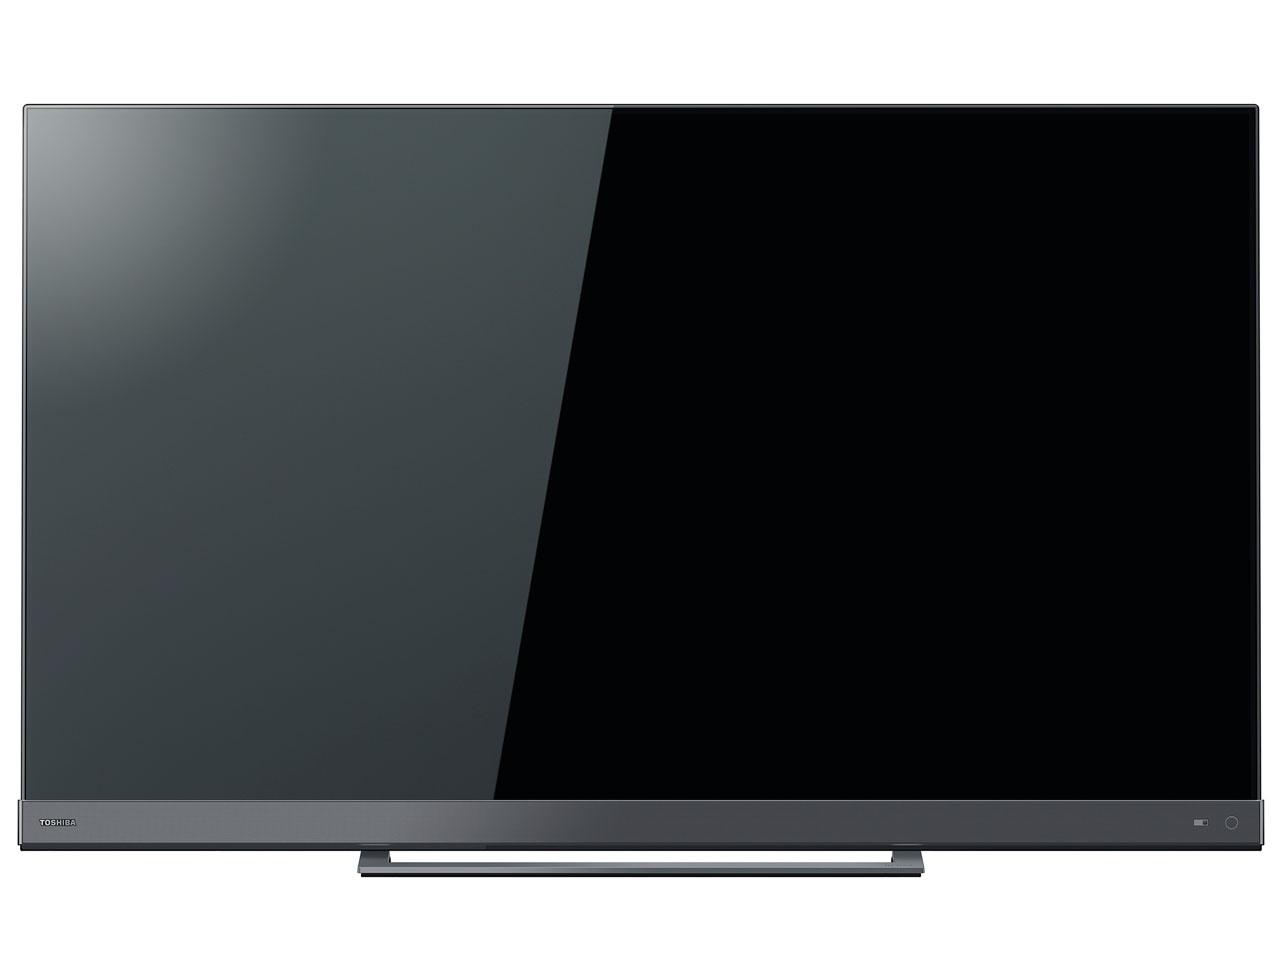 REGZA 55Z740X [55インチ] の製品画像